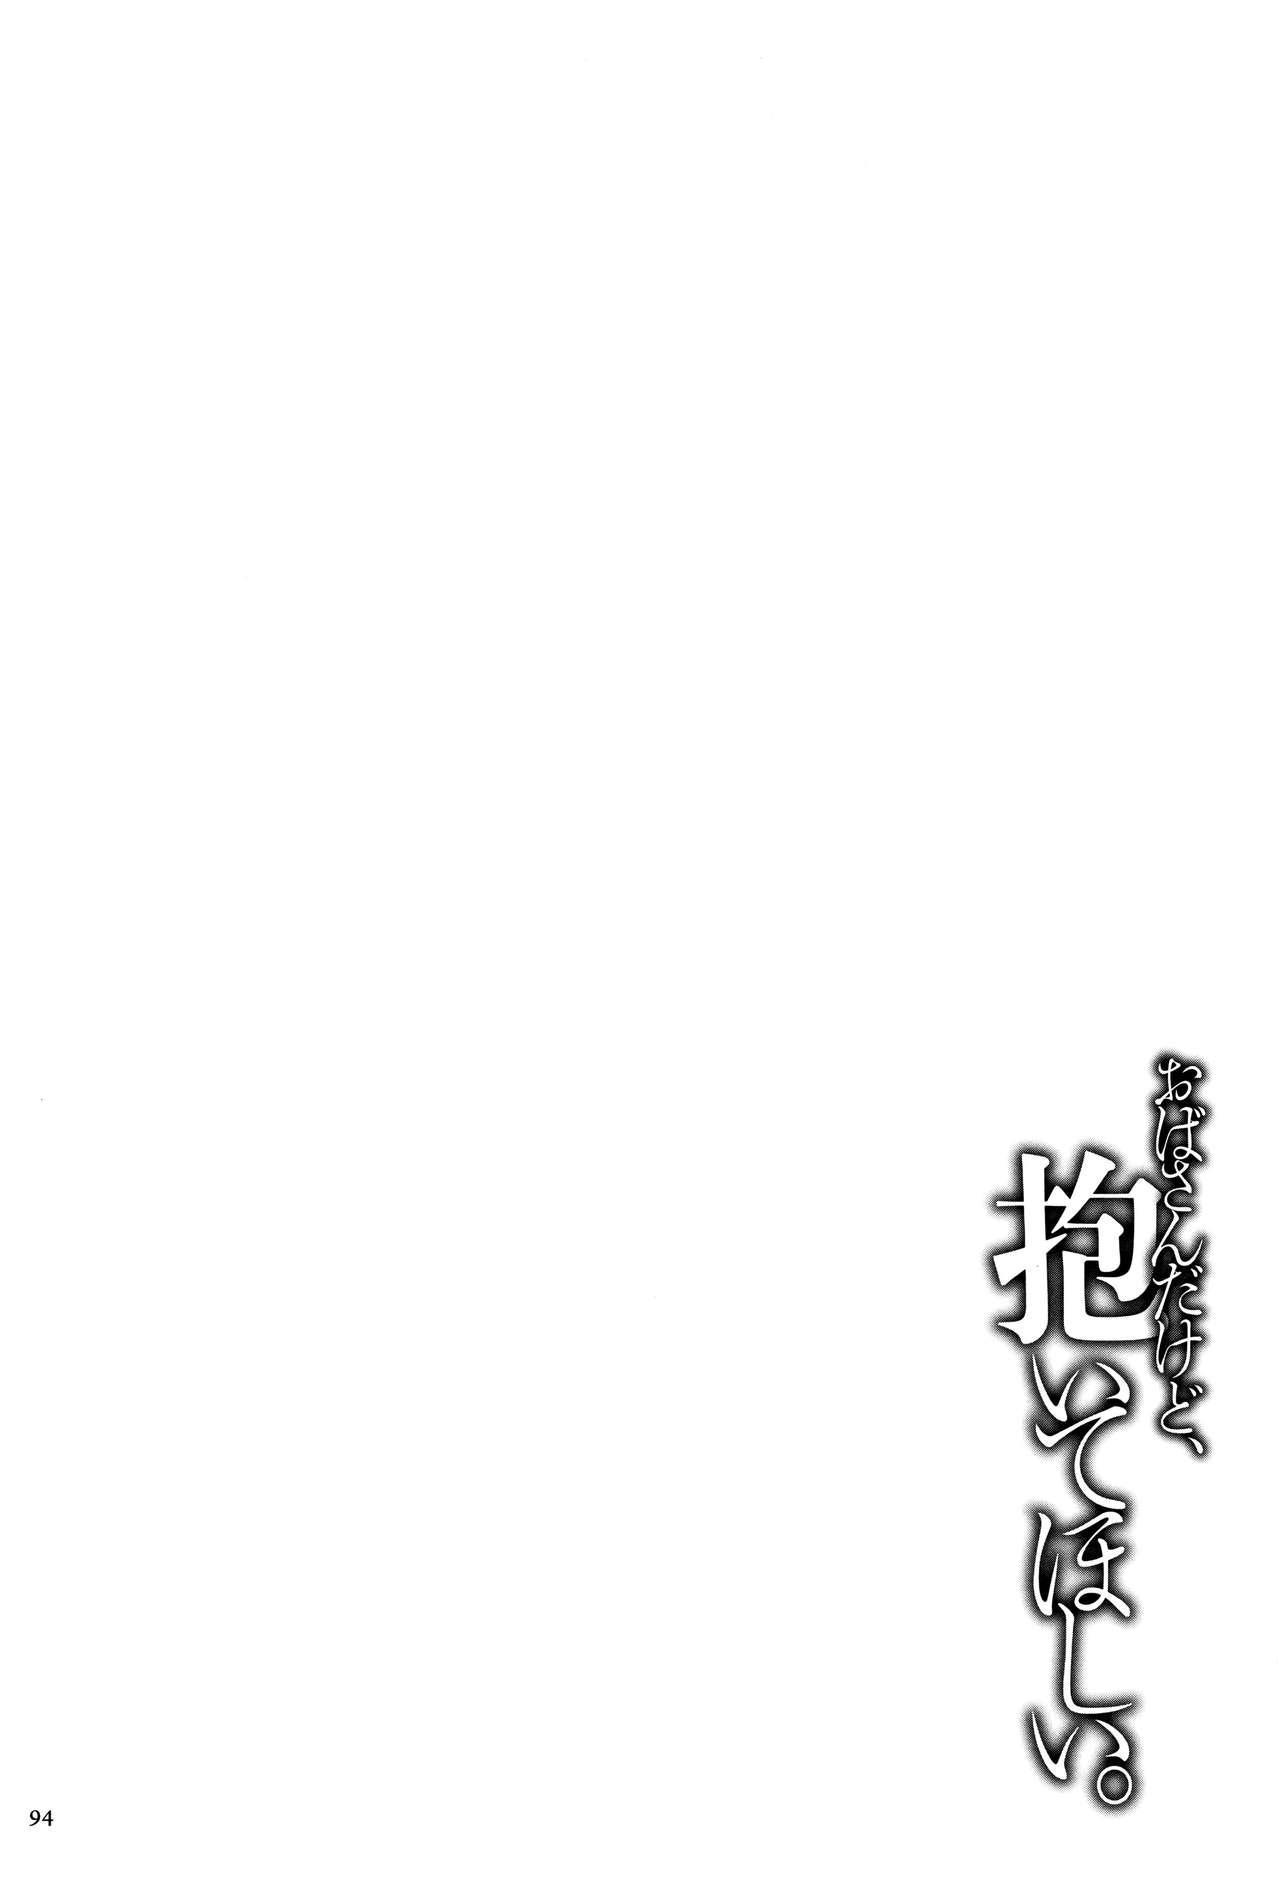 Oba-san dakedo, Daite Hoshii. 94